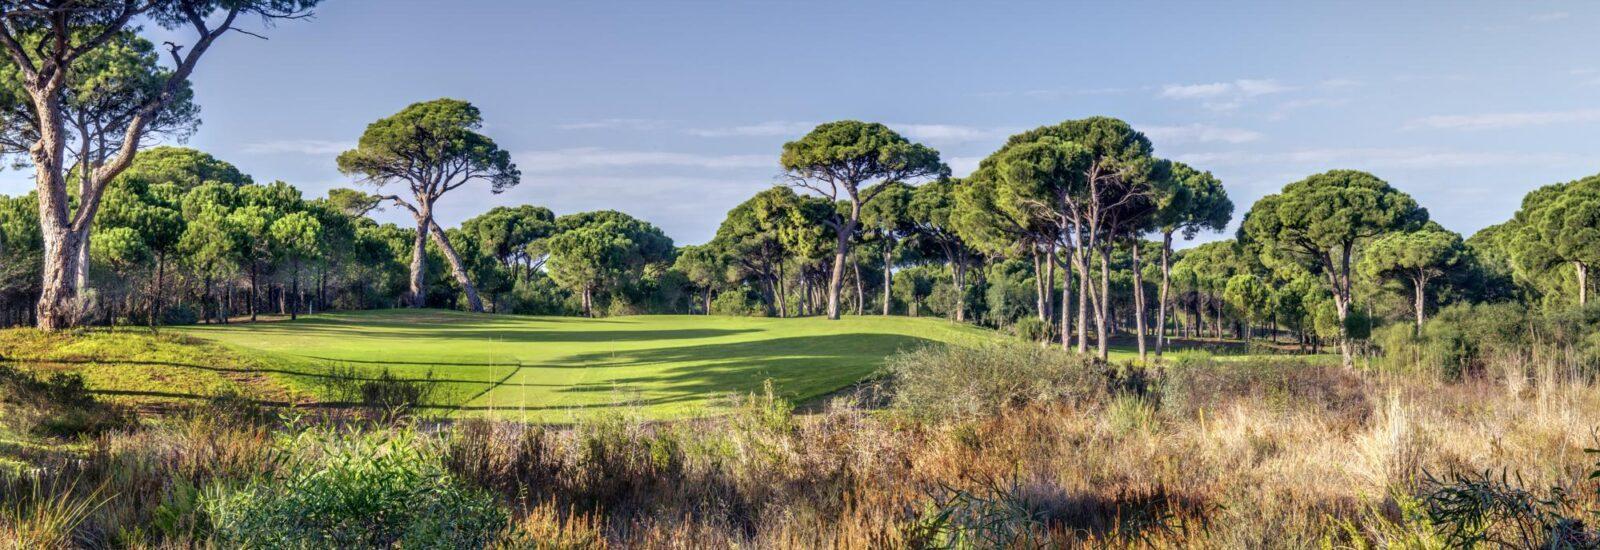 Cornelia Faldo Golfplatz